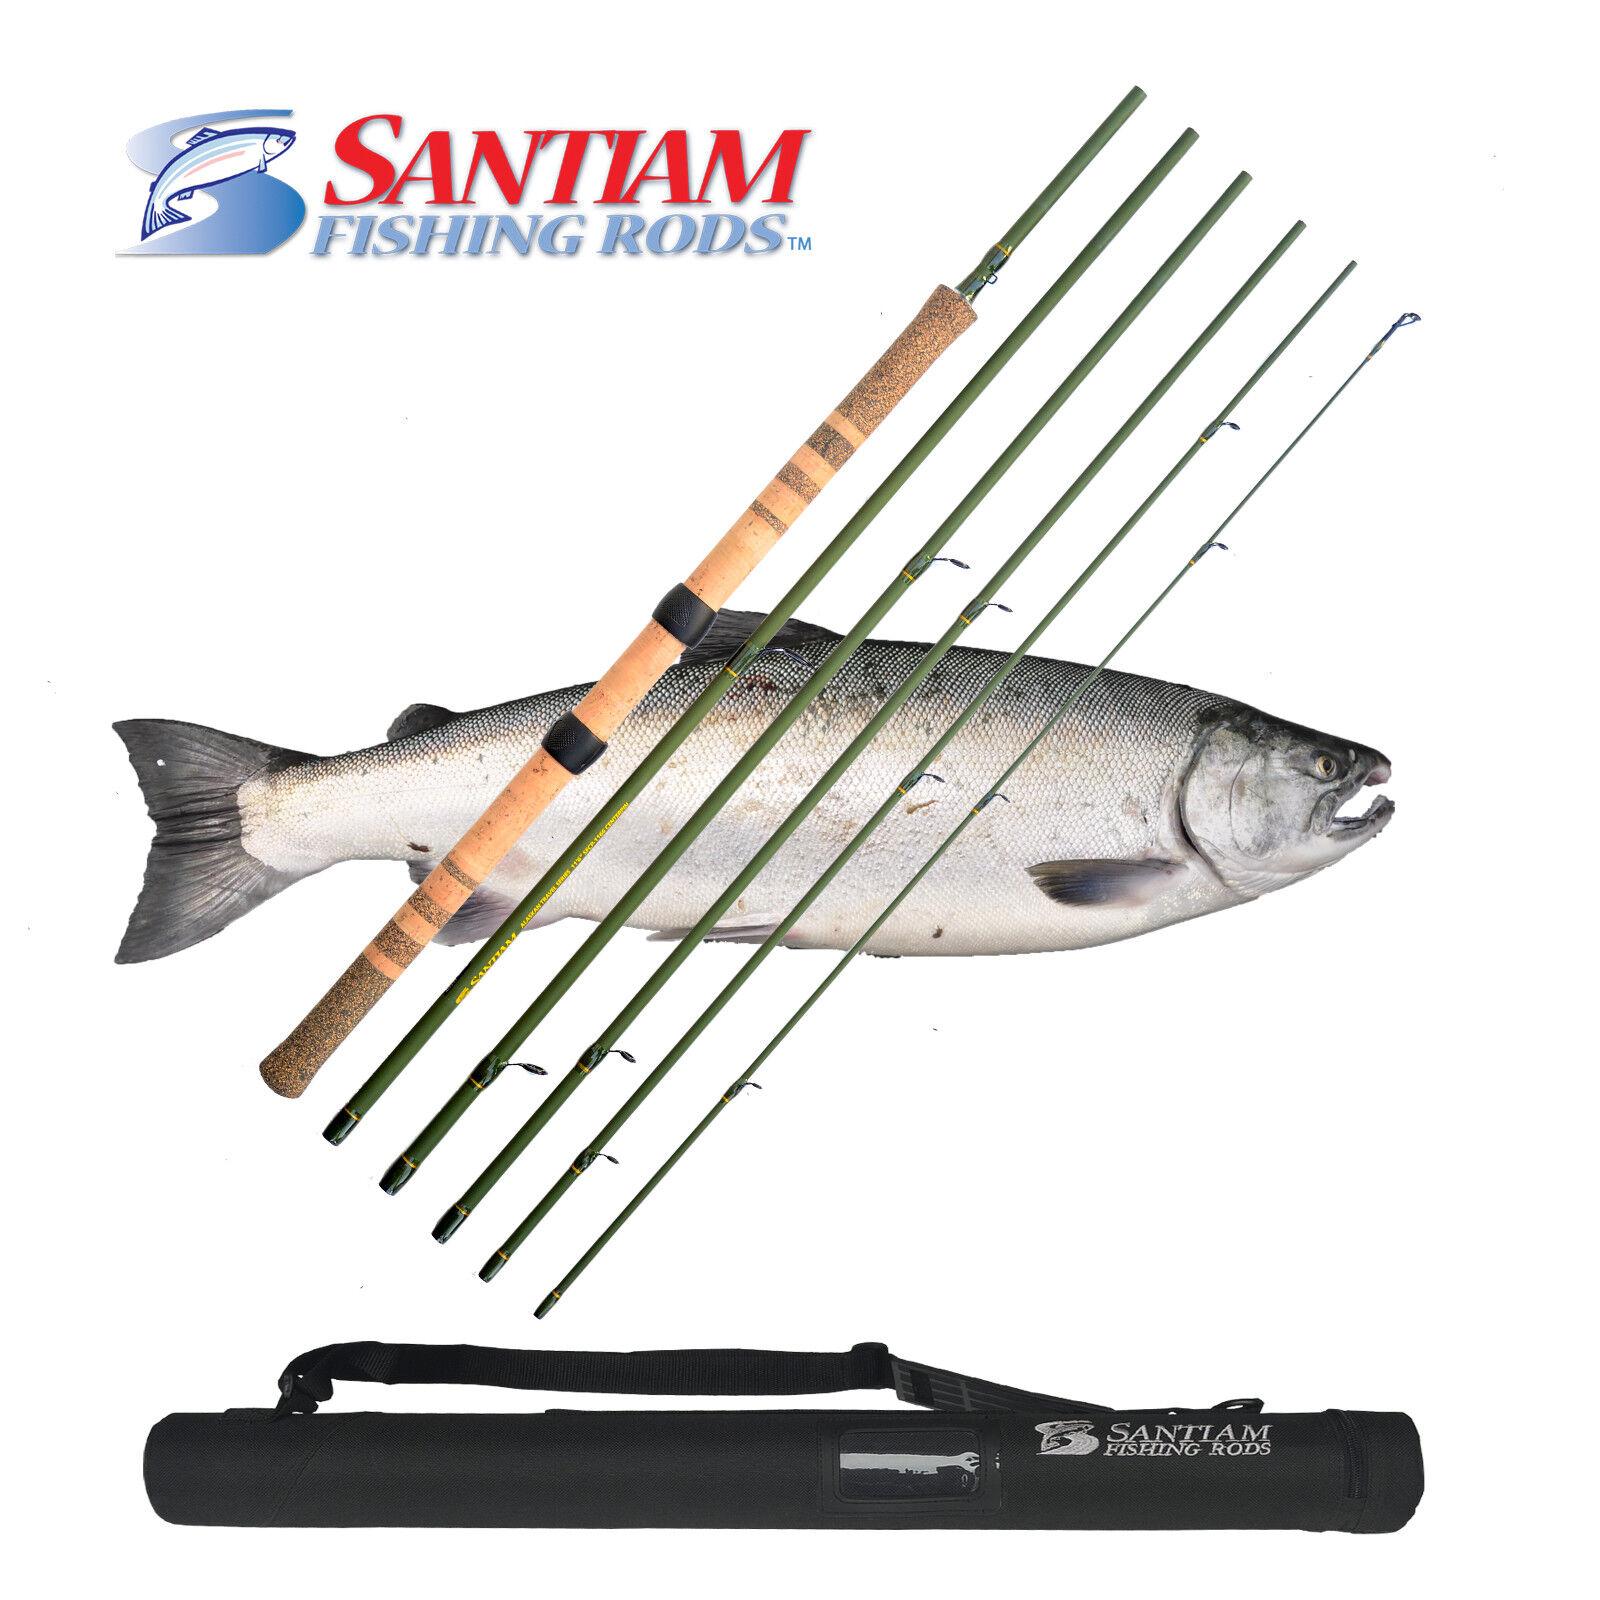 SANTIAM FISHING RODS 6 PC LB 11'6